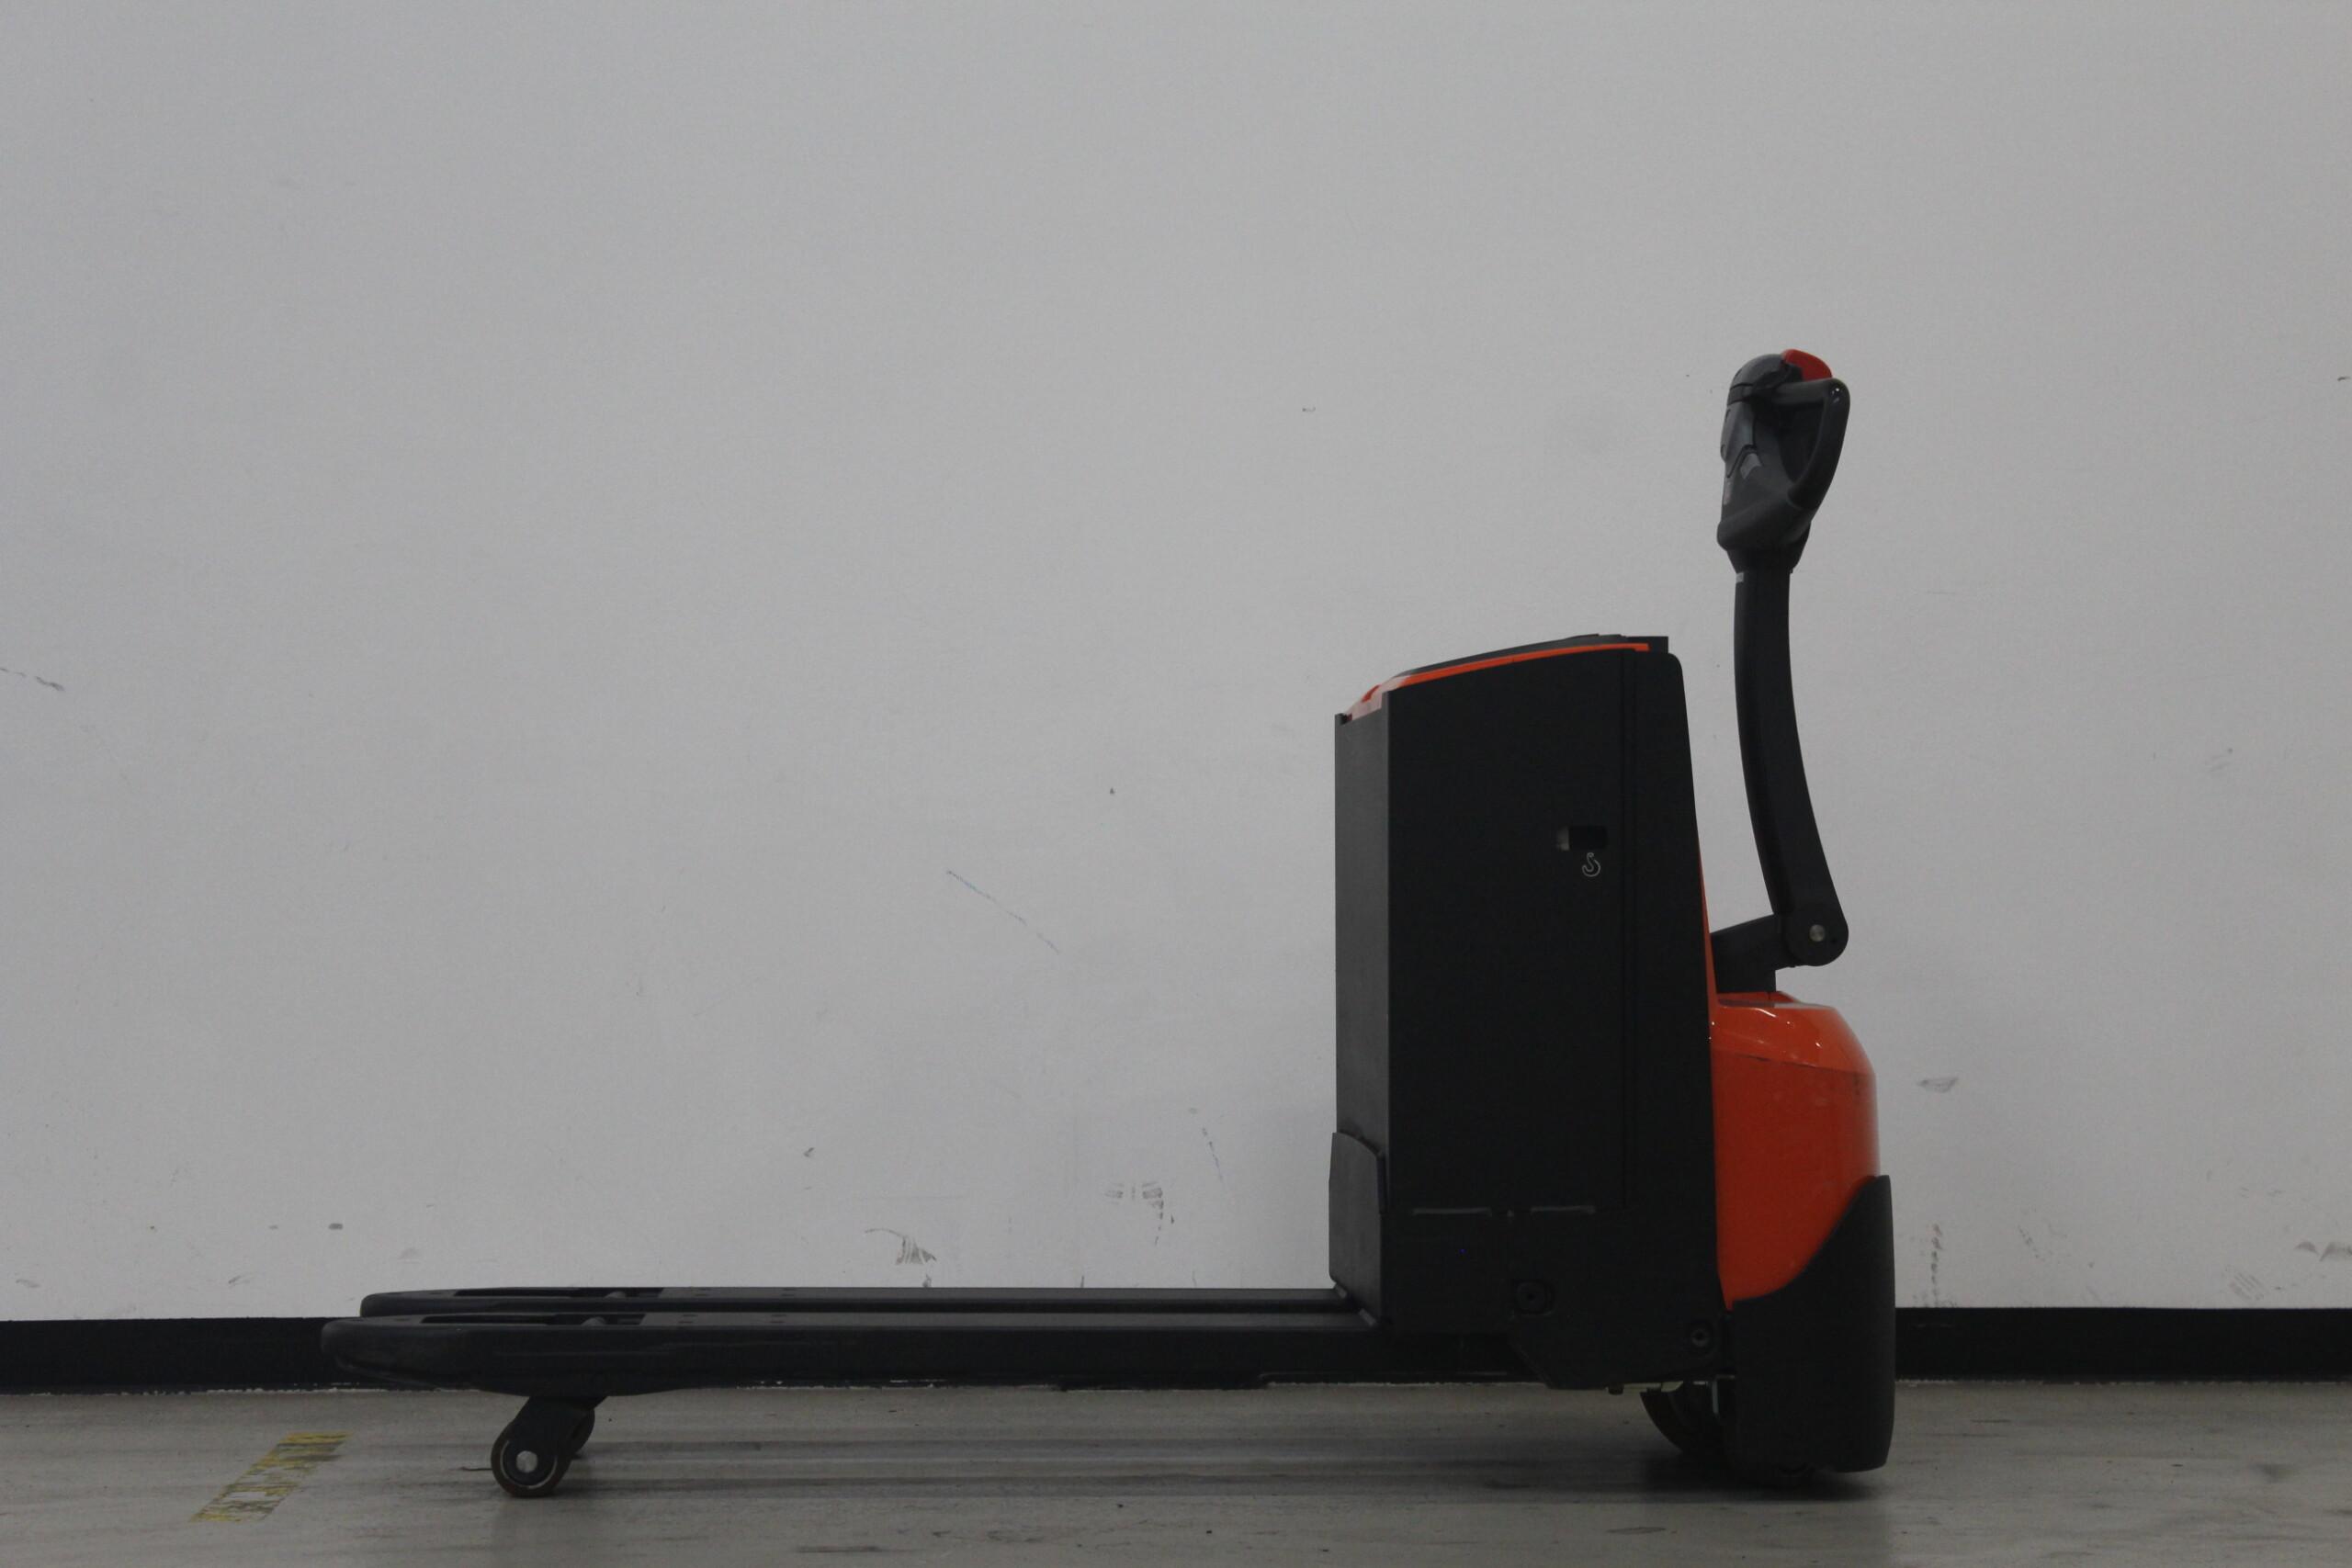 Toyota-Gabelstapler-59840 1610006827 1 30 scaled